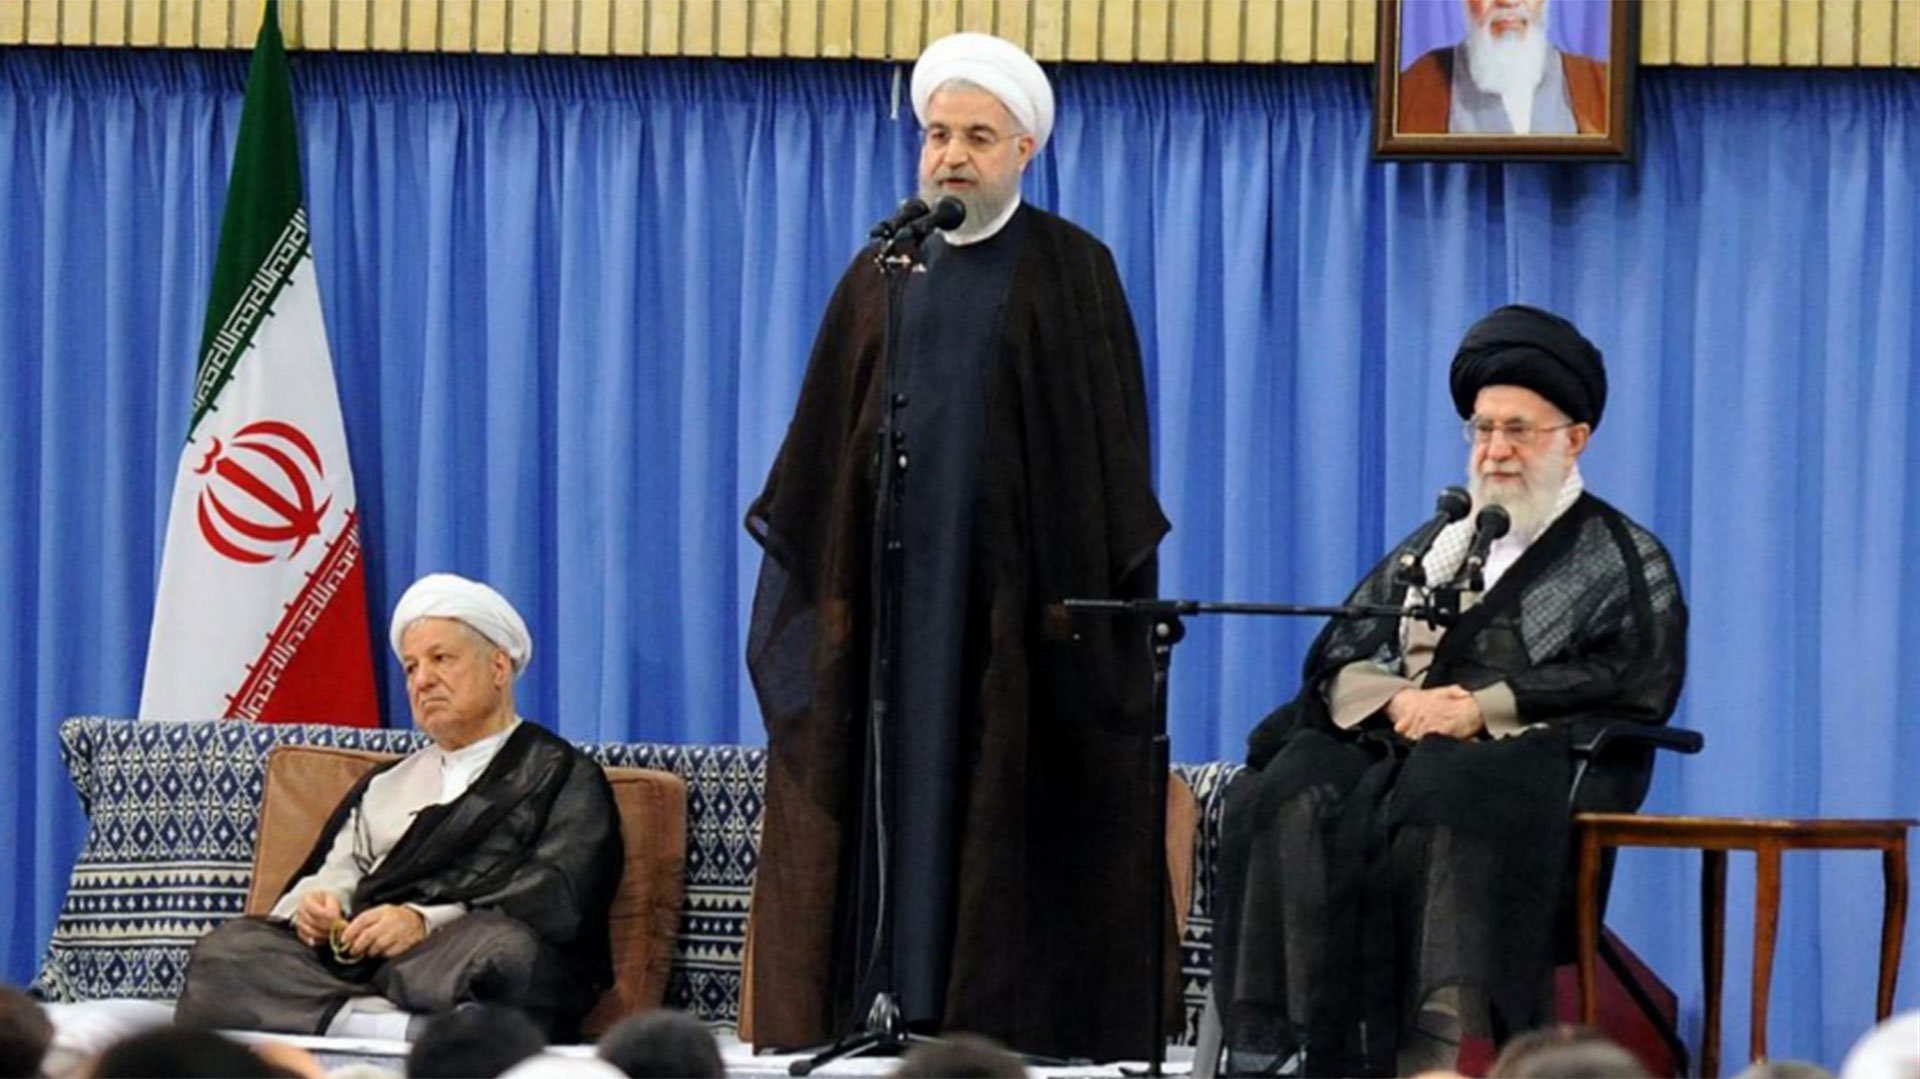 El presidente de Irán junto al ayatollah (Reuters)